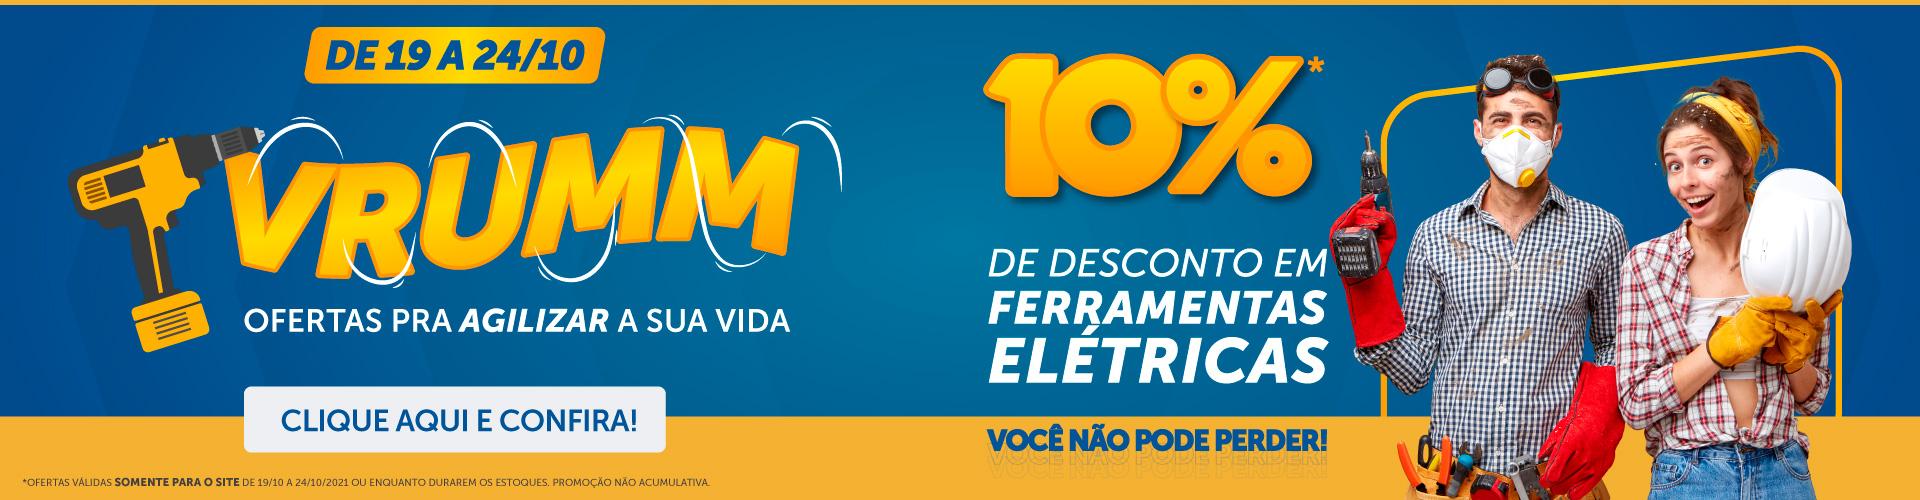 Banner Campanha - Full Desktop